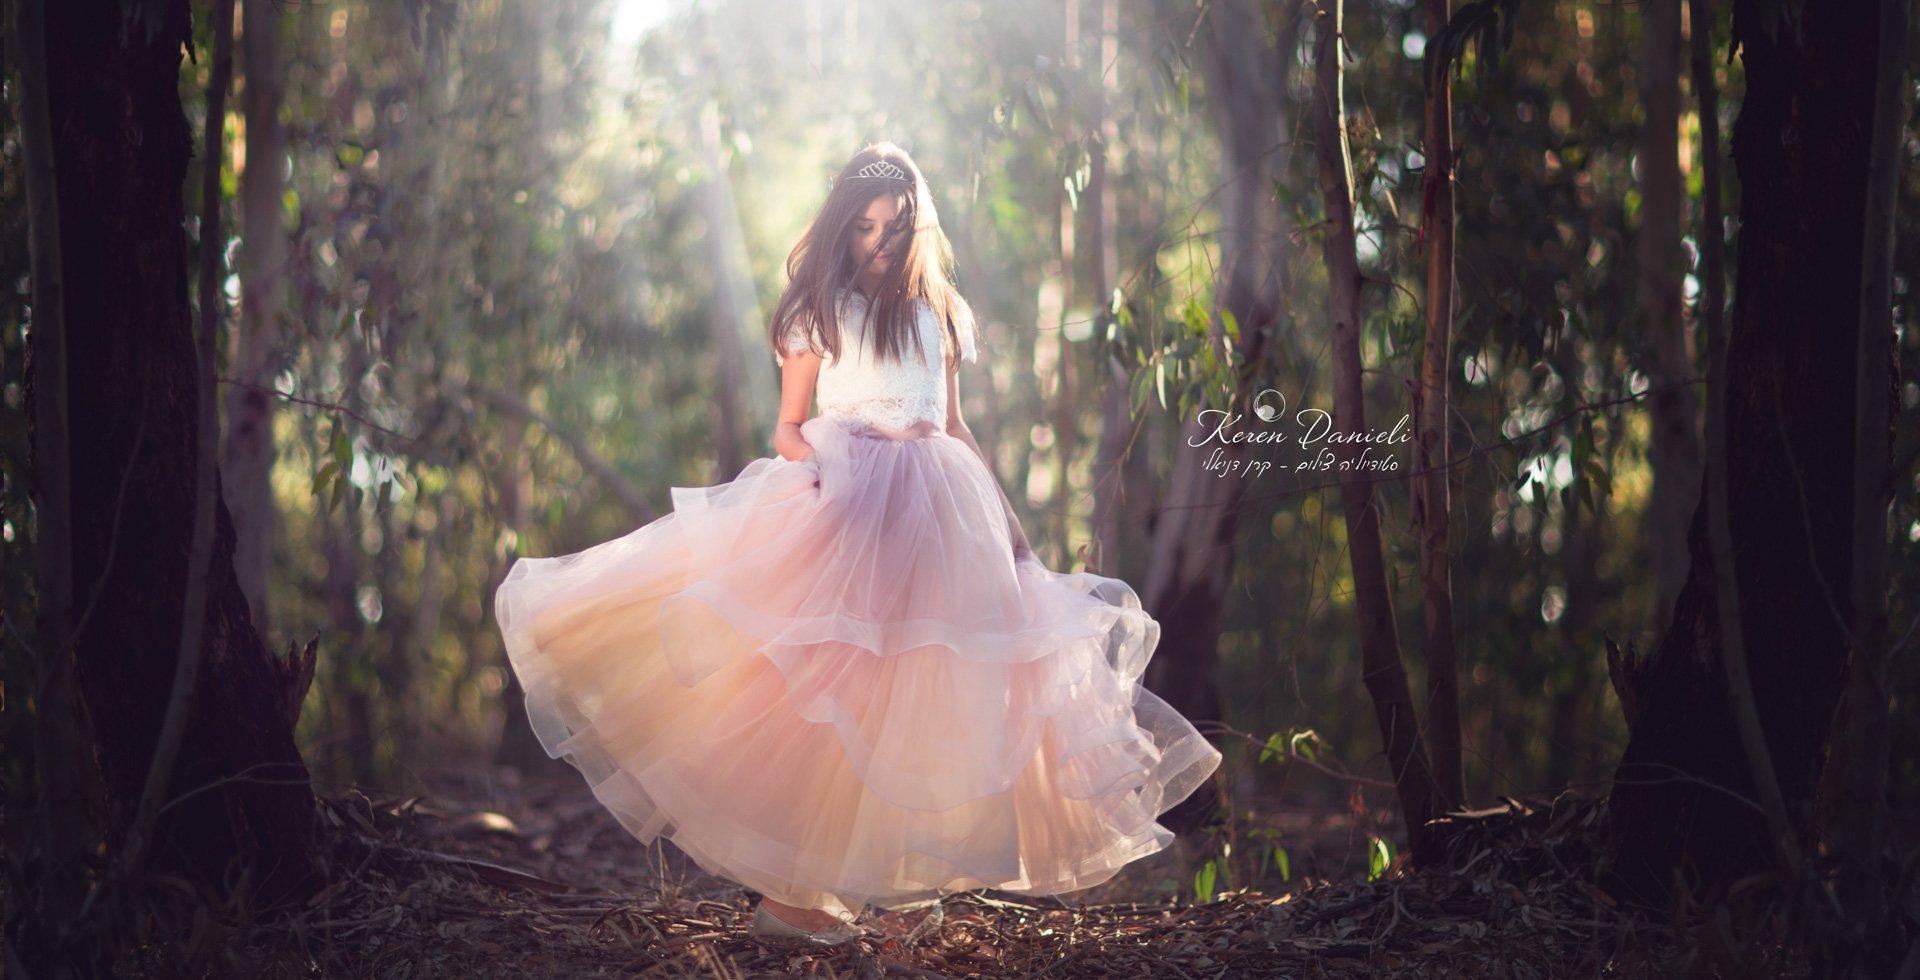 צילומי בוק בת מצווה של אליה ביער